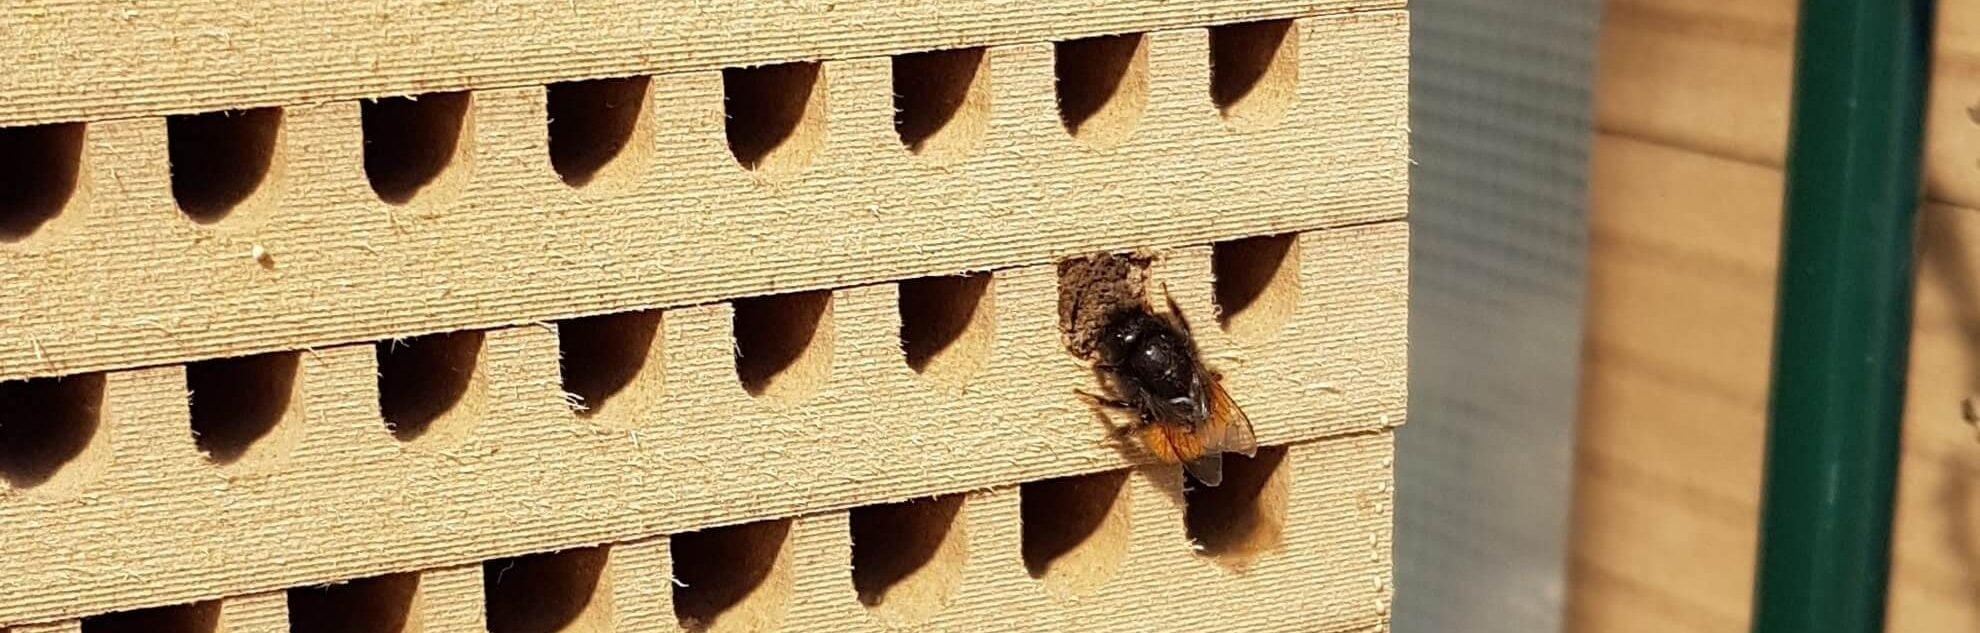 Nestbau Gehörnte Mauerbiene (Osmia cornuta) verschließt Nistgang mit Lehm